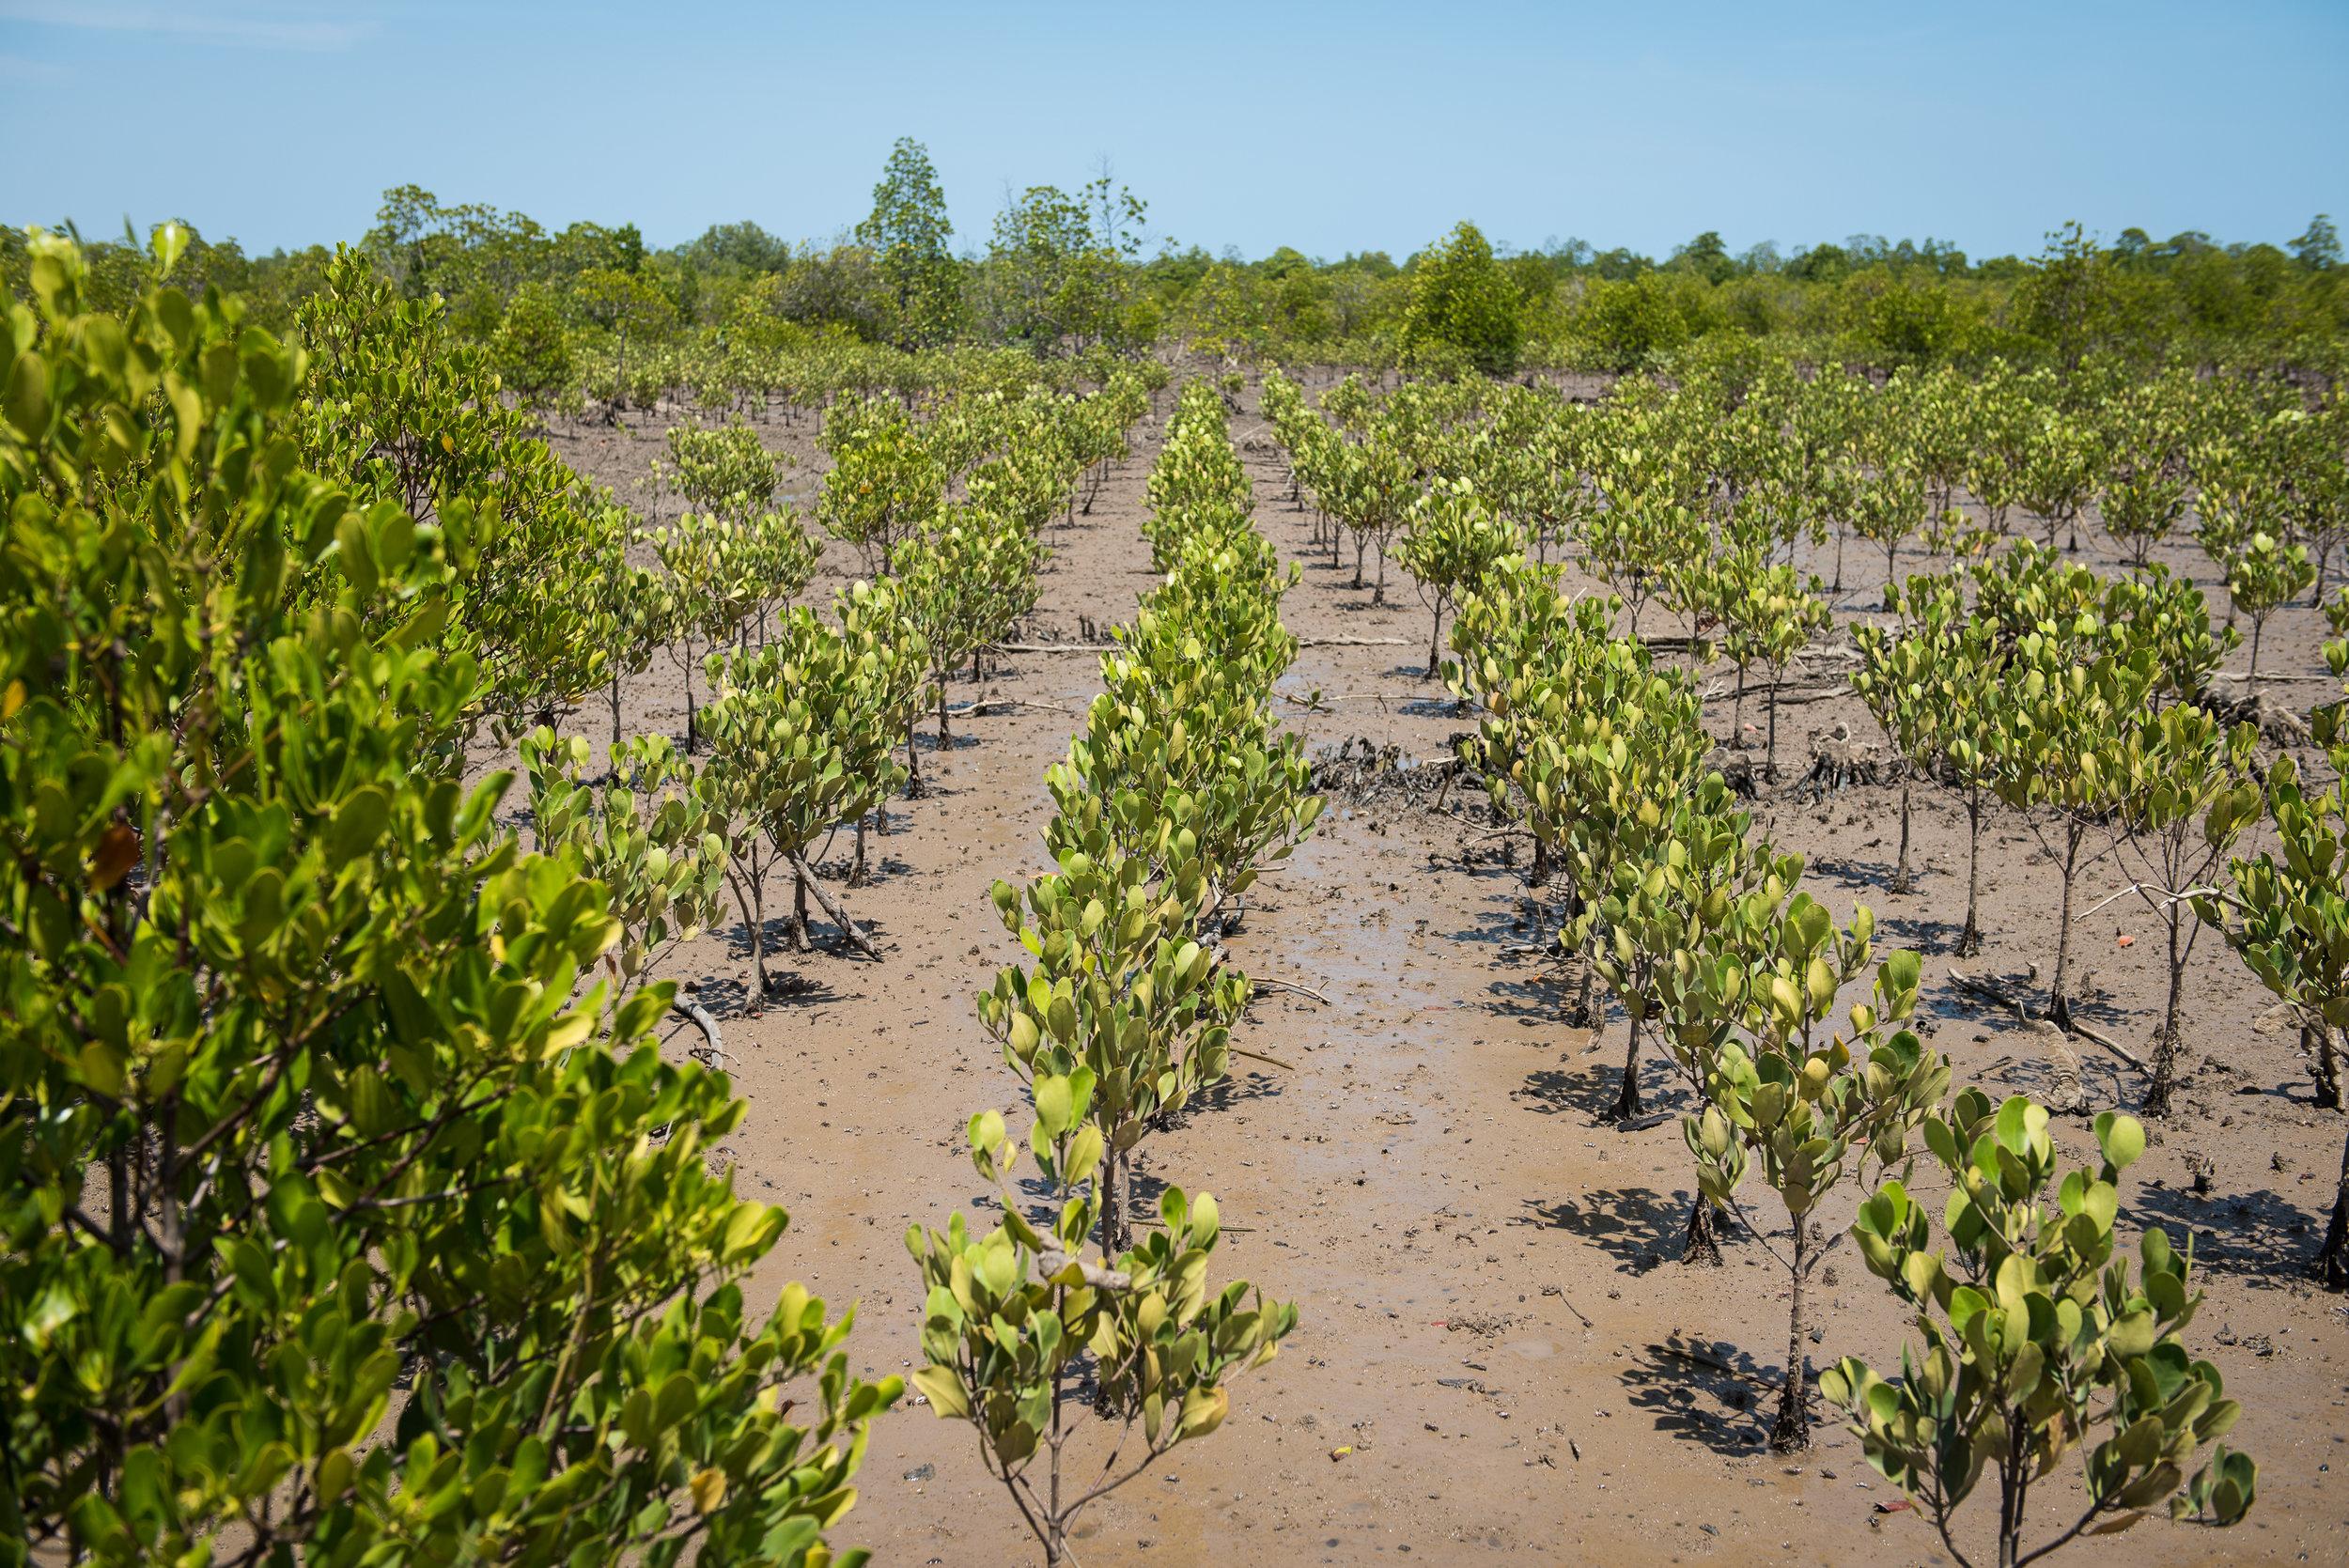 Madagascar Mangrove-1-7.jpg